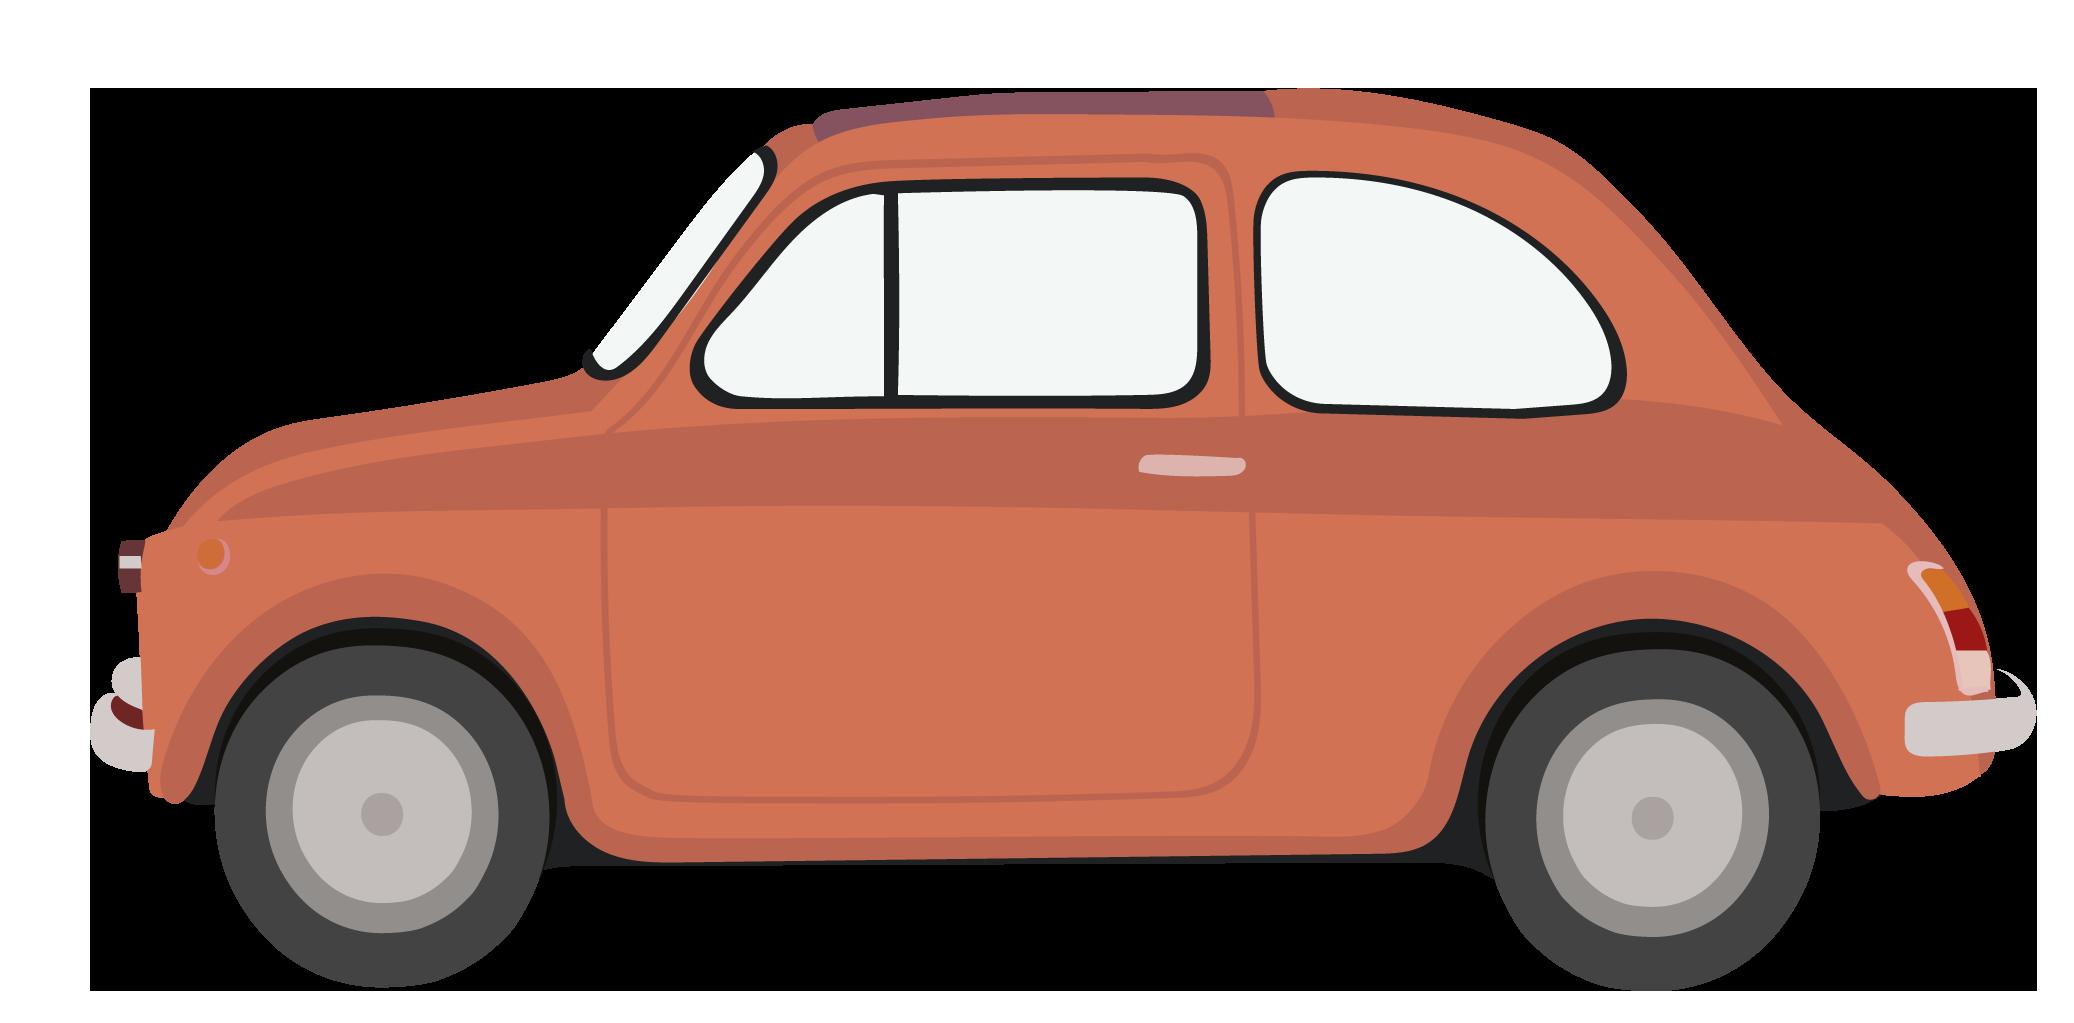 bil rød